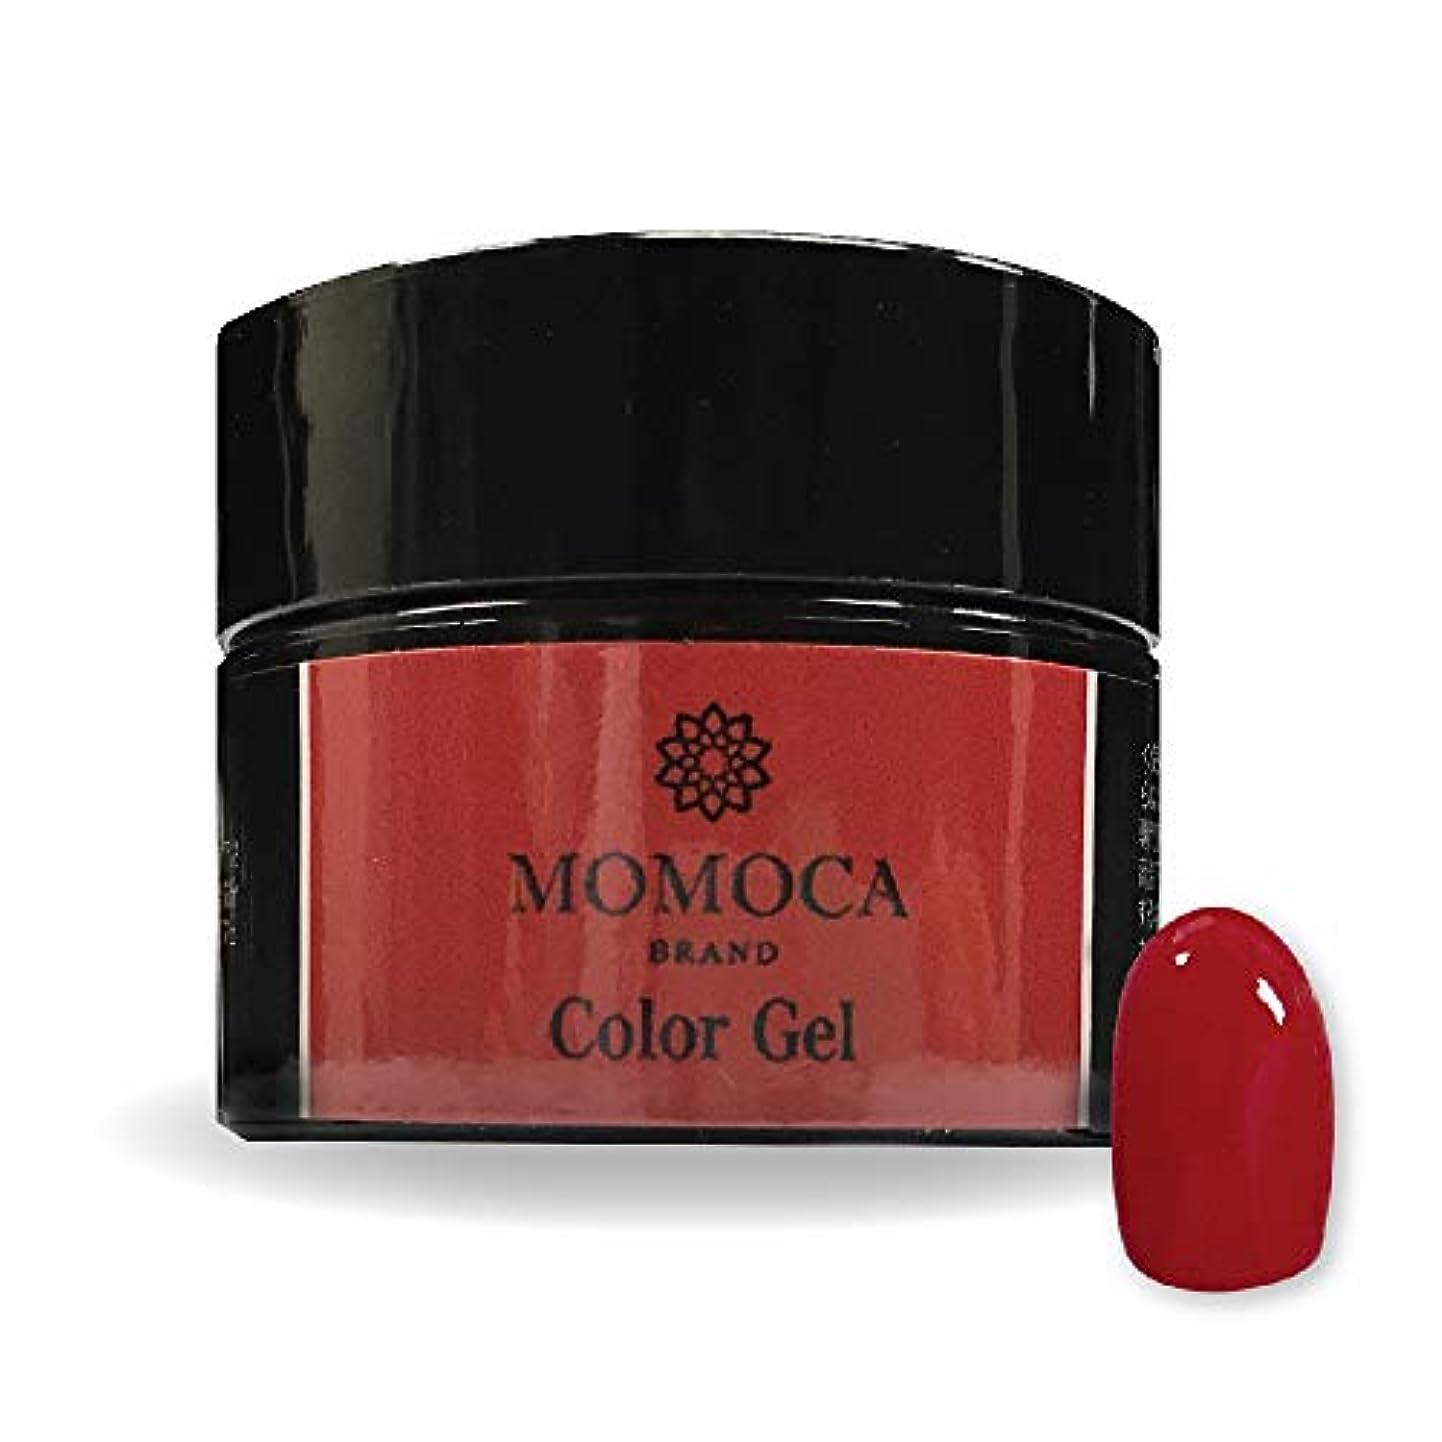 ヒゲクジラ道徳雇ったMOMOCA モモカ ジェルネイル サロン品質 高発色 長持ち プロ仕様 ネイルサロン ネイリスト (022M Real red リアルレッド)